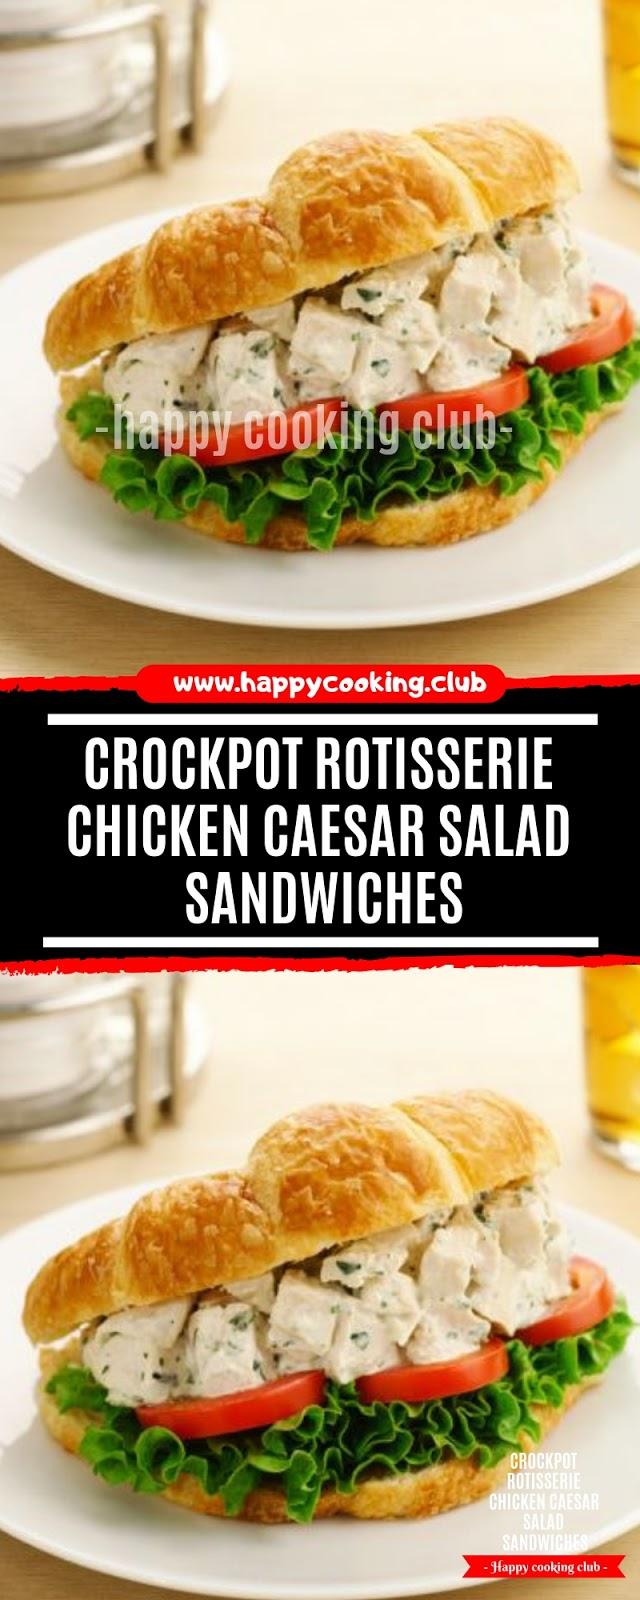 Crockpot Rotisserie Chicken Caesar Salad Sandwiches